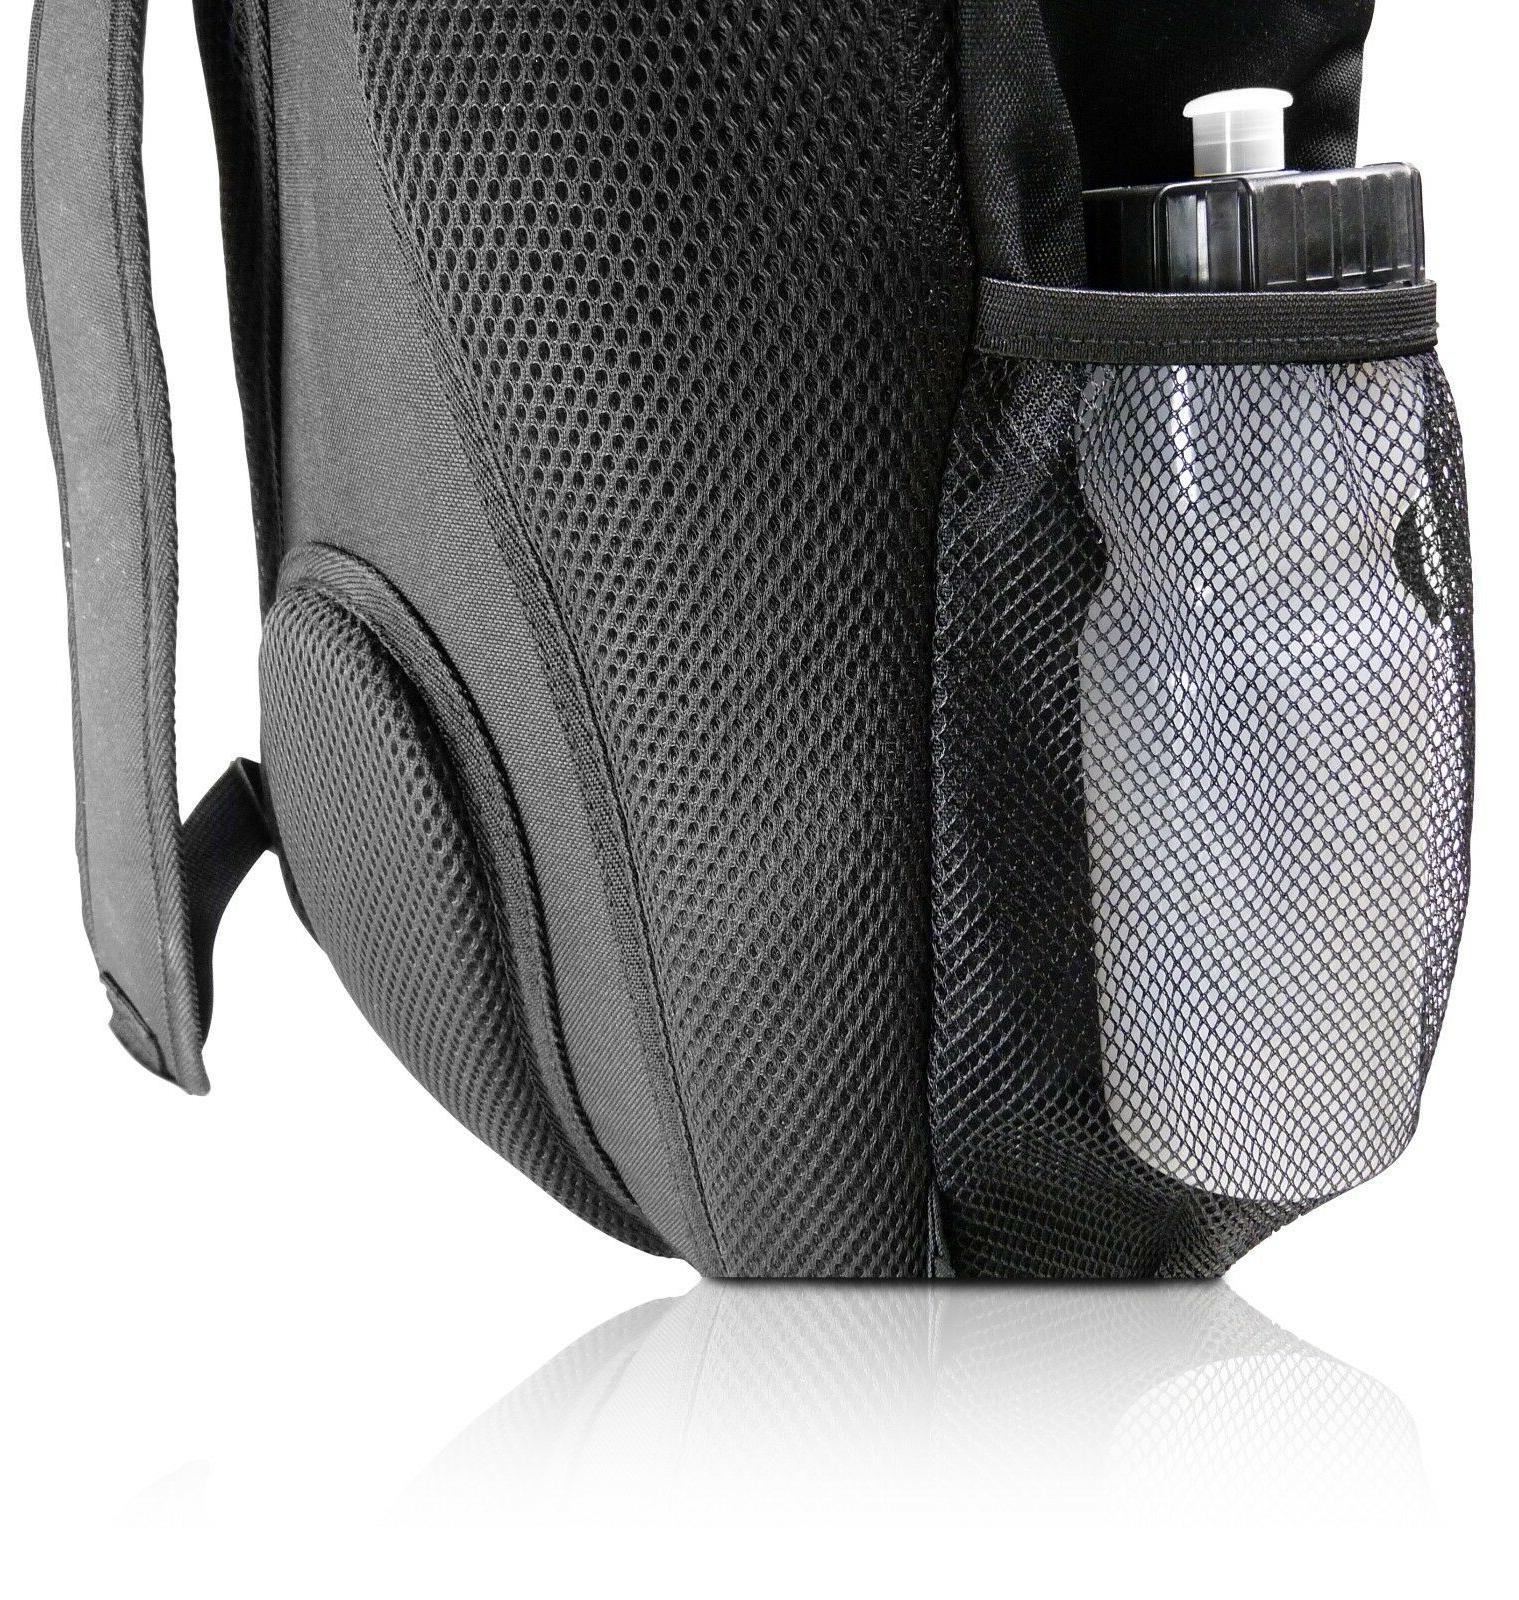 Soccer Backpack Holder - Kids Soccer Bag for &